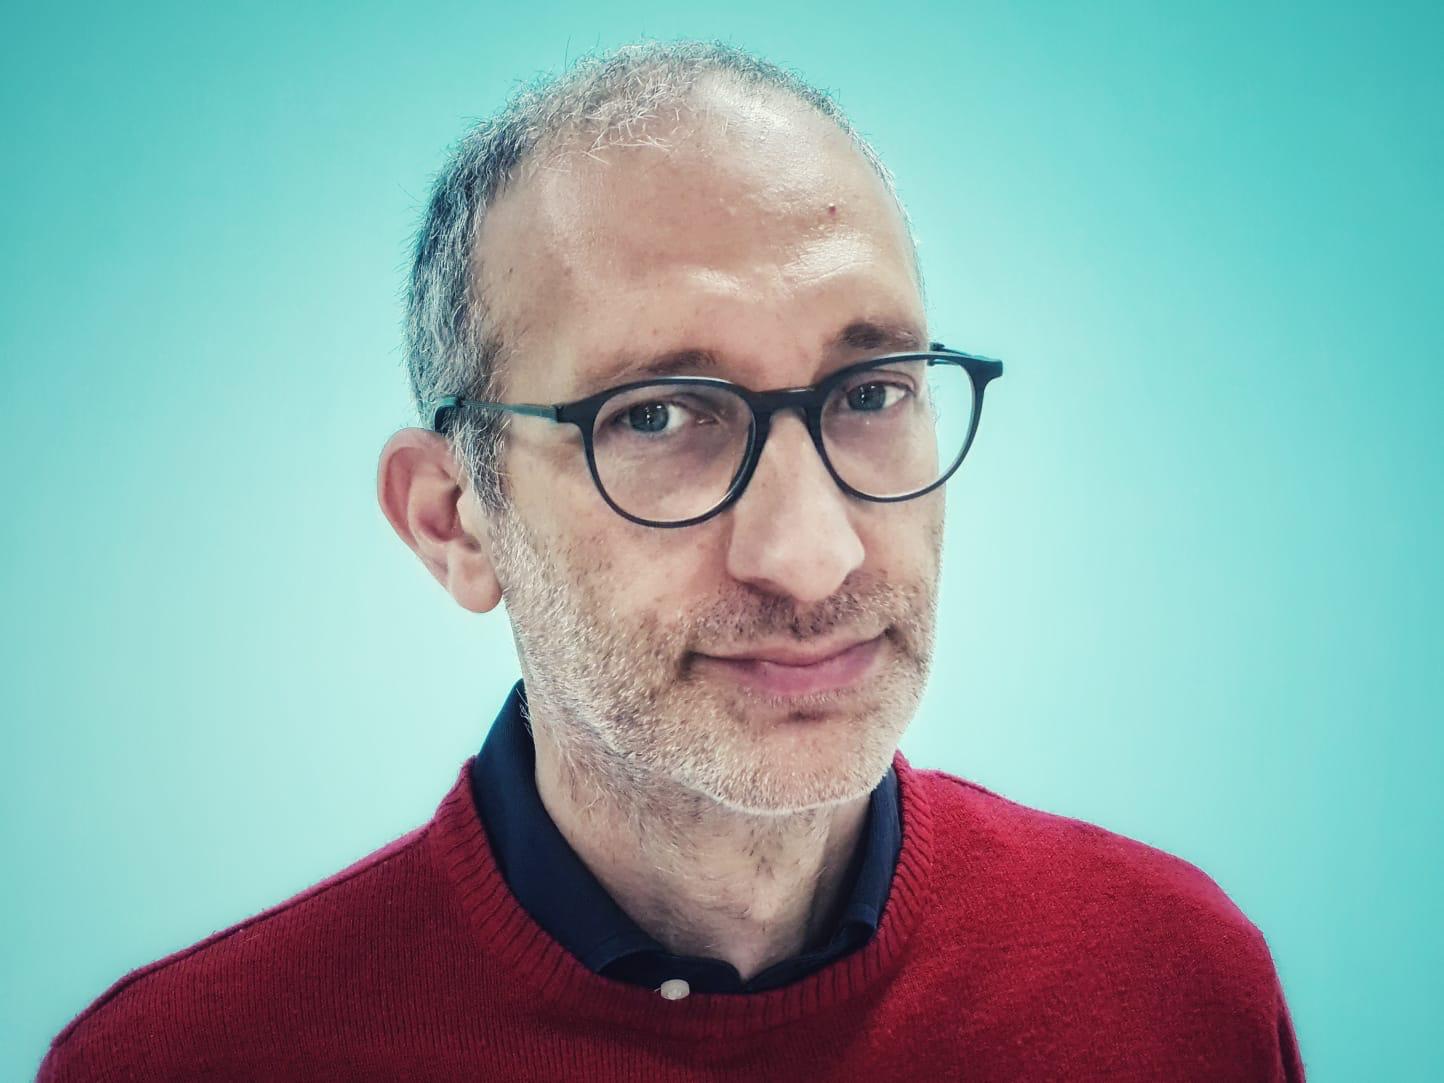 Fabio Puglia